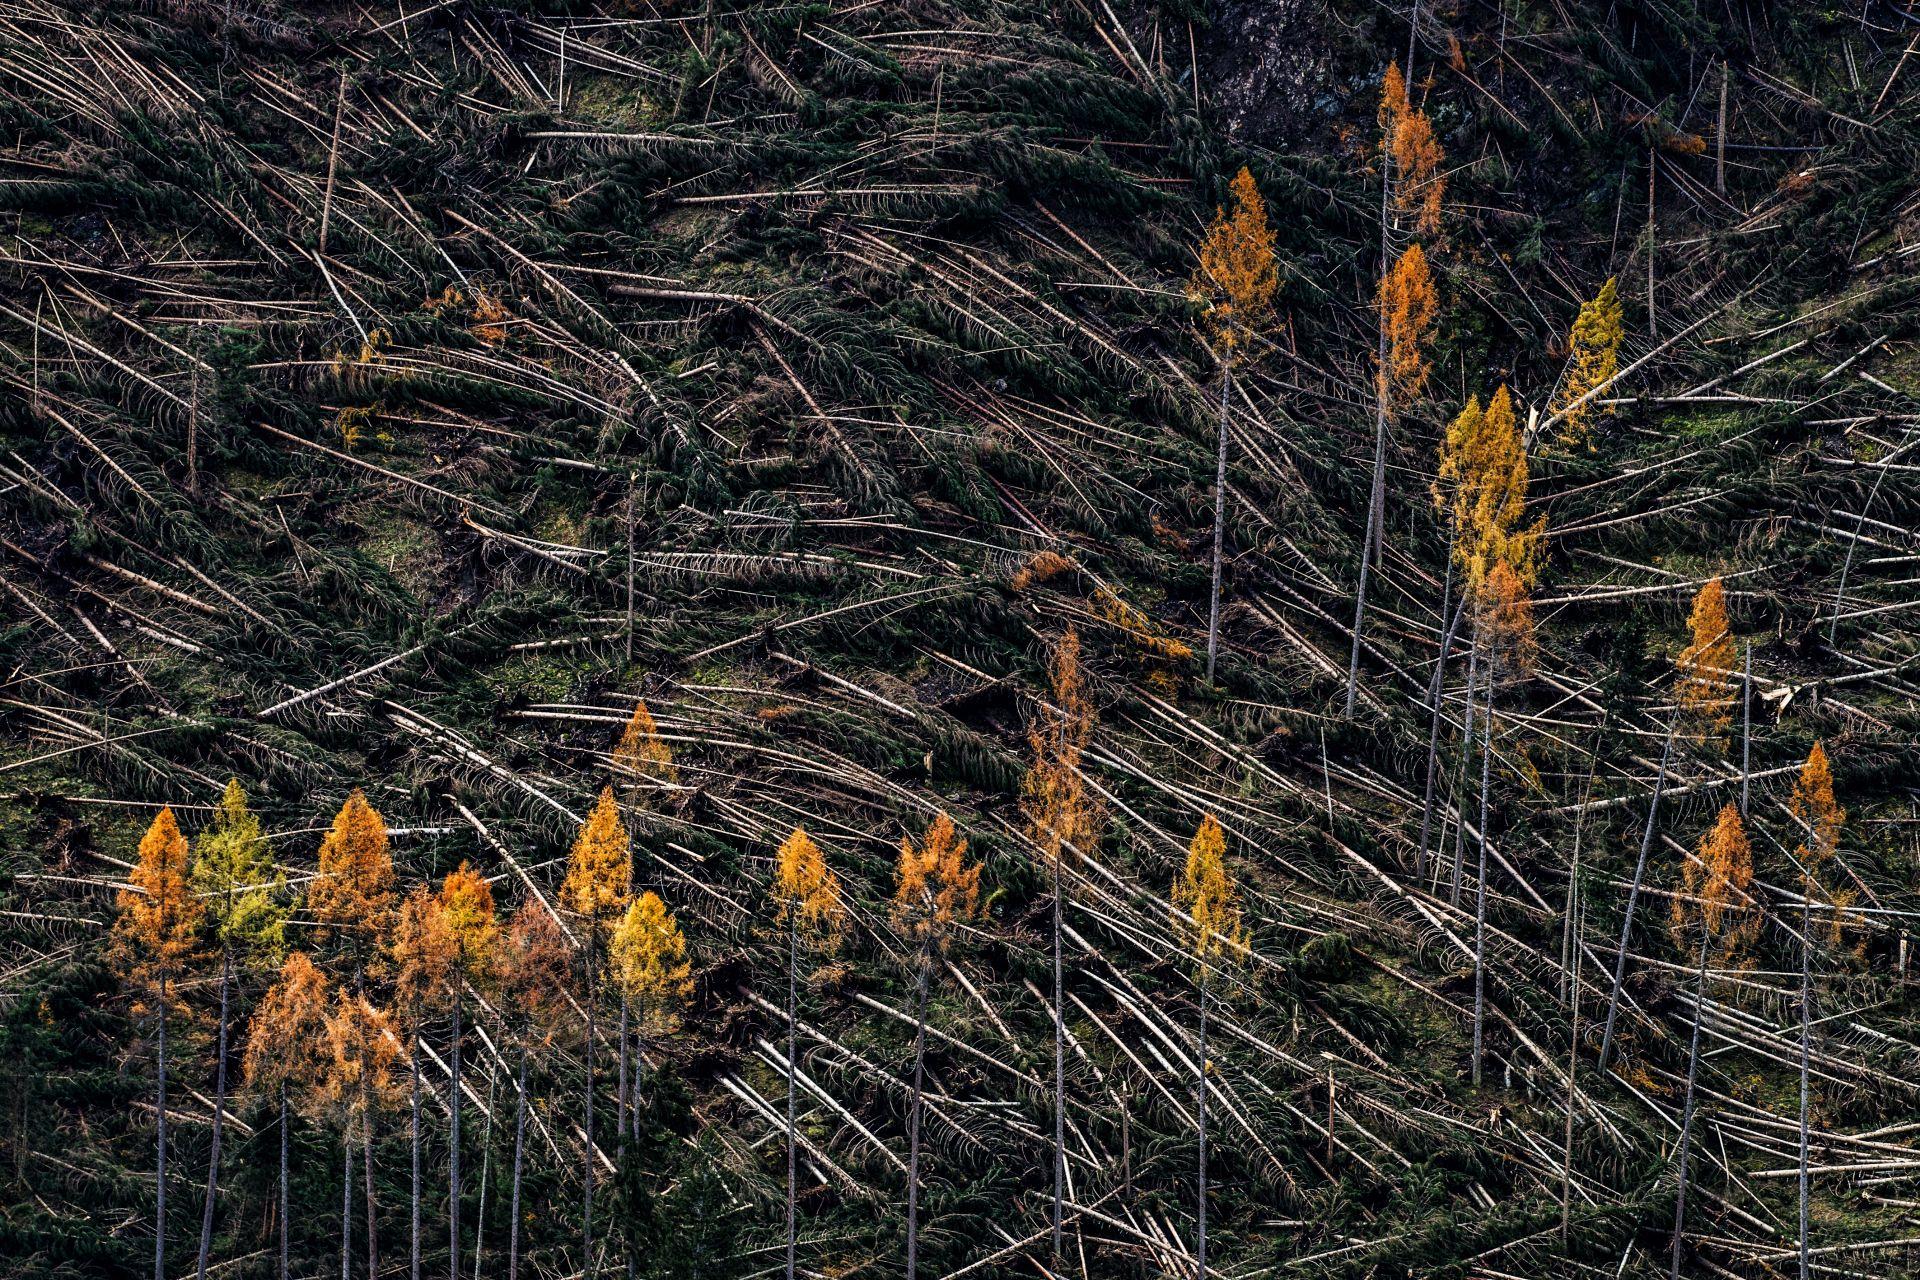 Fotó: Dr. Simán László: Tornádó a Dolomitokban<br />Az utóbbi években egyre gyakoribbá váltak a szokatlan katasztrófahelyzetek. Két éve ősszel az olasz Dolomitok lombhullató fenyveseit tarolta le széles sávban egy vihar, óriási anyagi kárt okozva. A helyszínre érkezve elnémult az addig vidám fotós csapatunk.<br /><br />Kezünkben a Föld<br />2. díj<br />